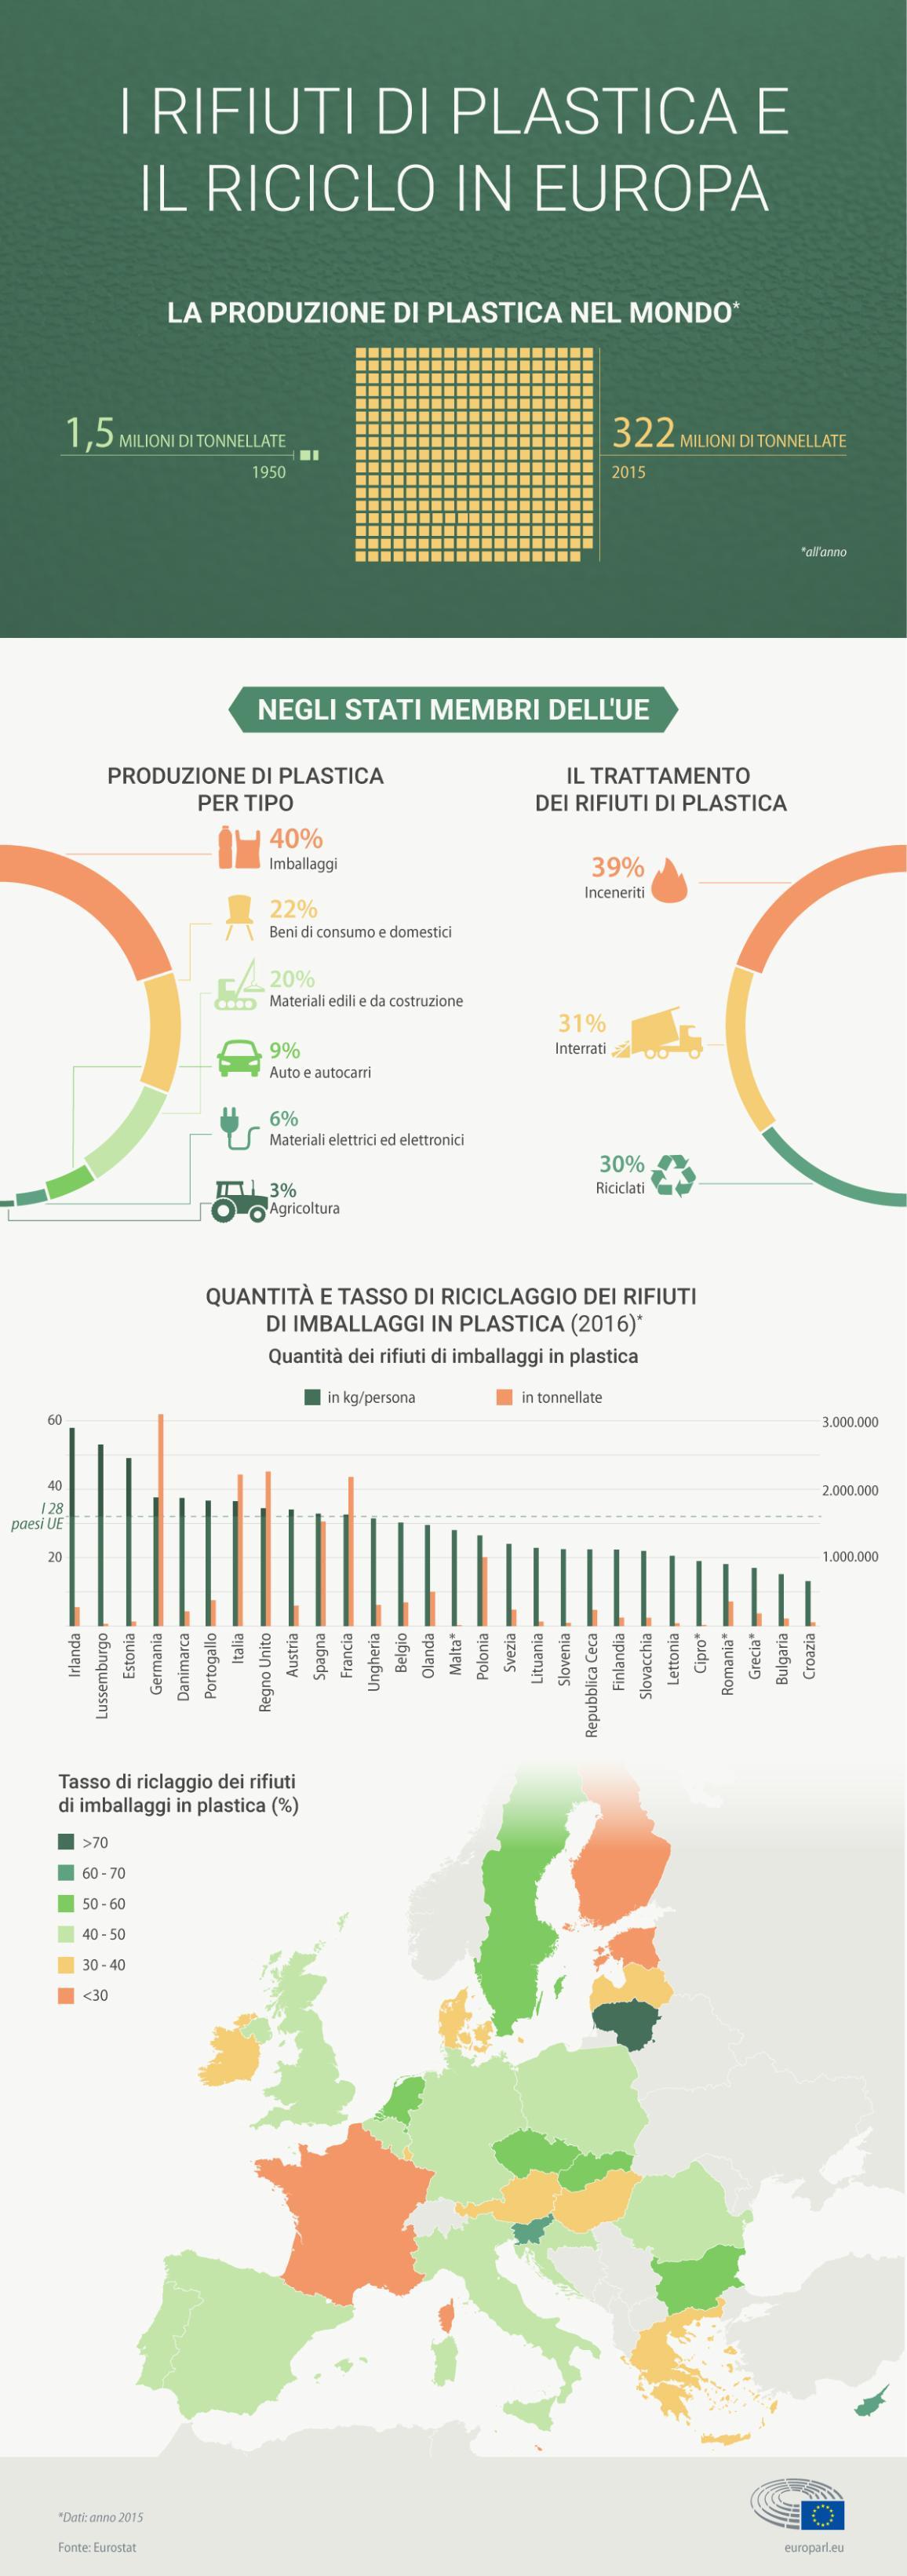 Infografica sul riciclo della plastica in Europa